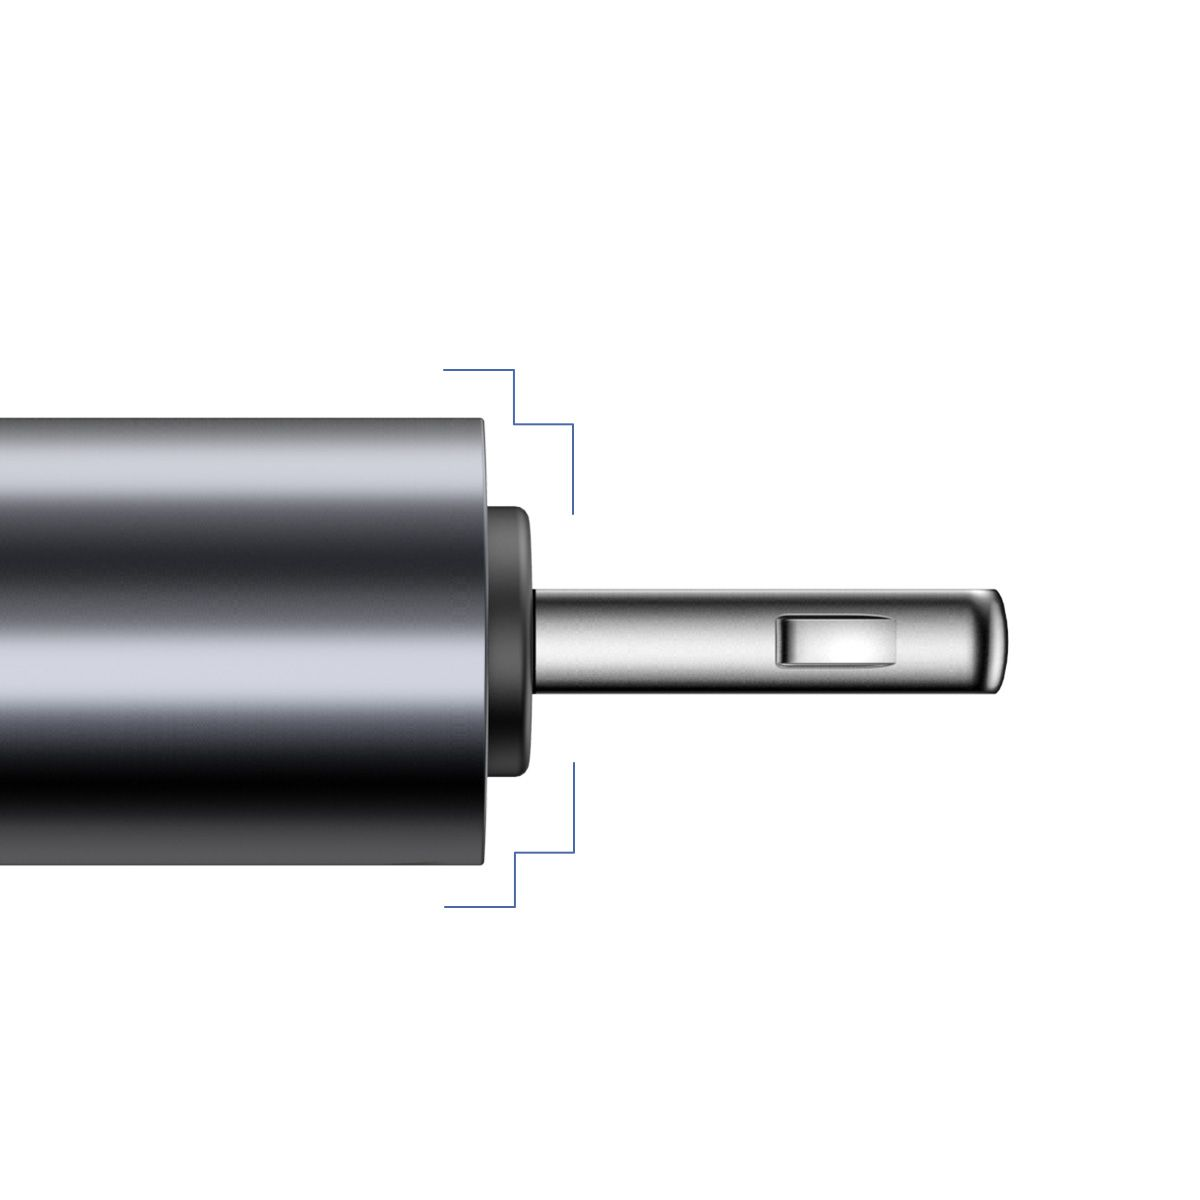 Cabo Espiral Baseus Lightning para iPhone 1.2m 2A